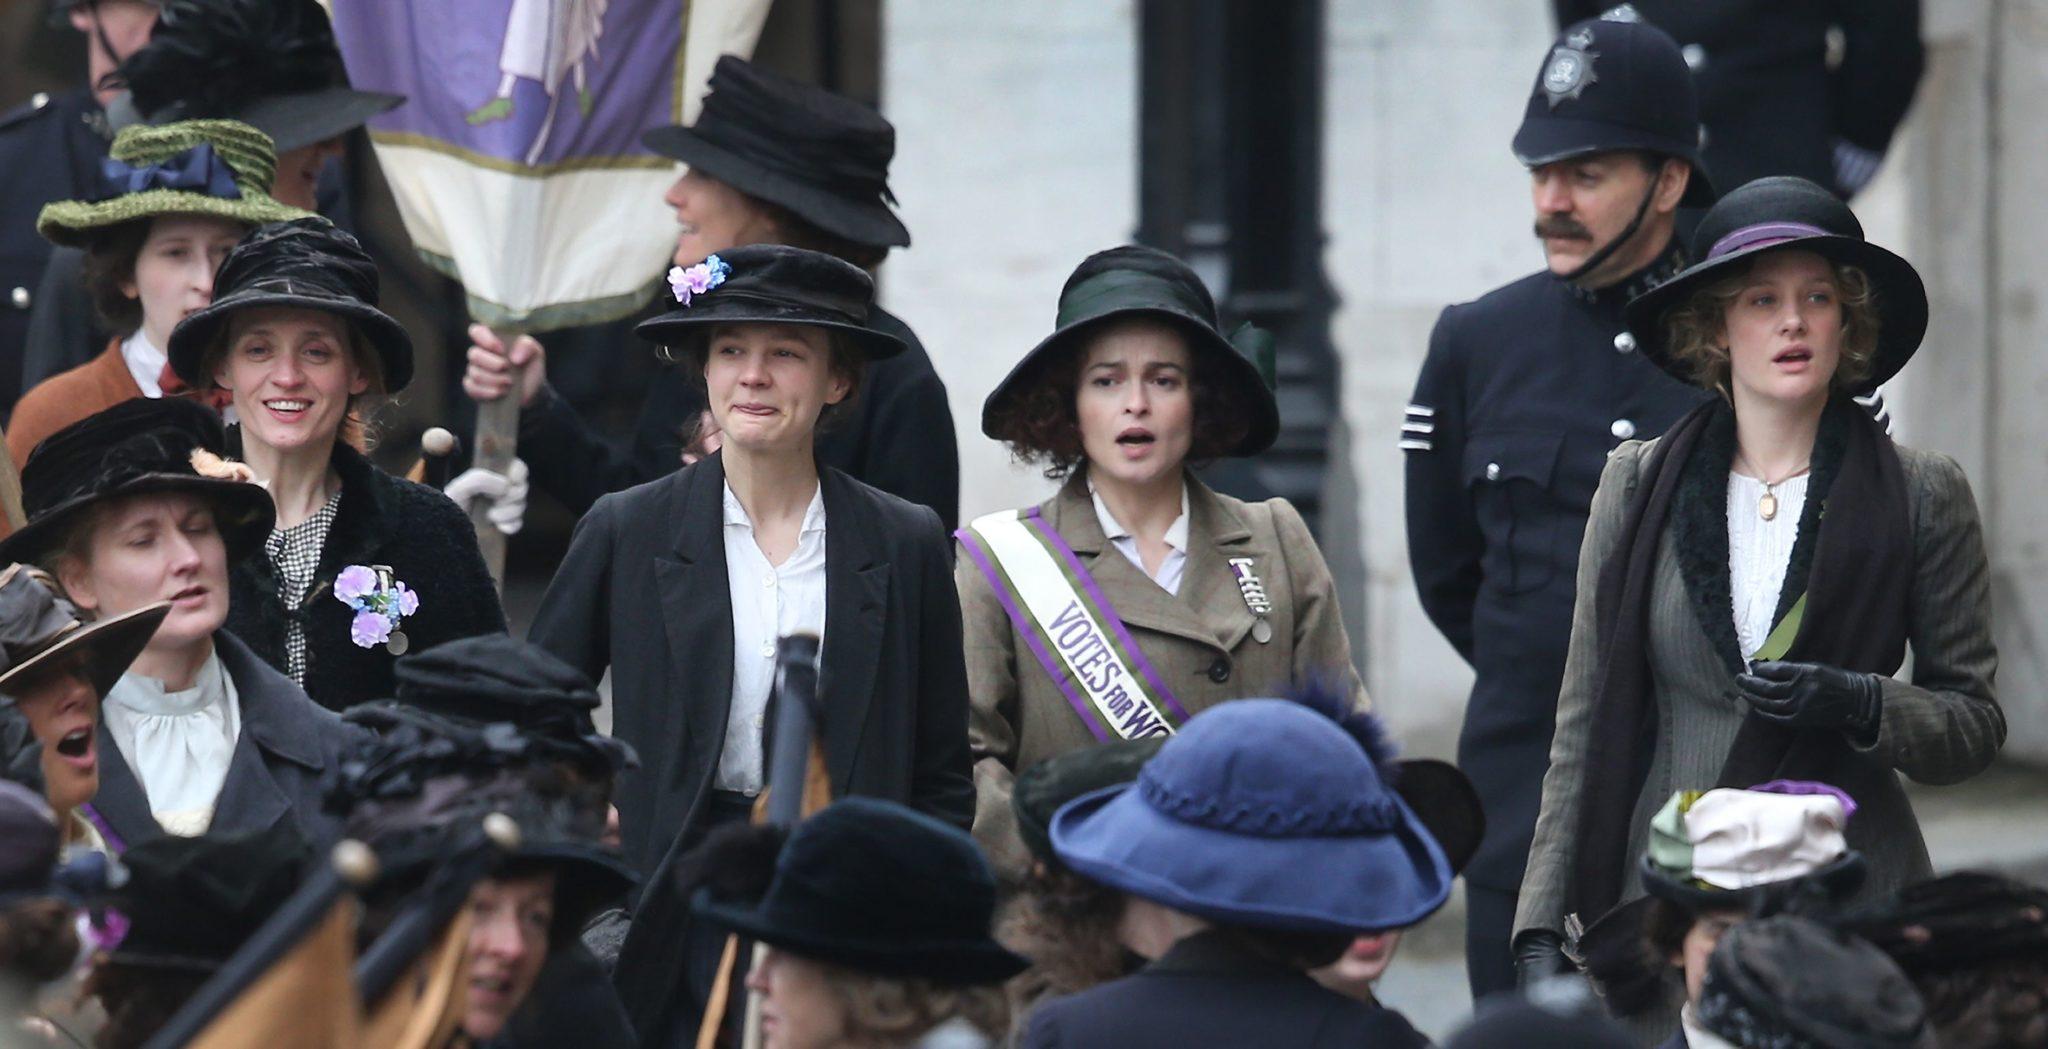 suffragette-promo-photo-1